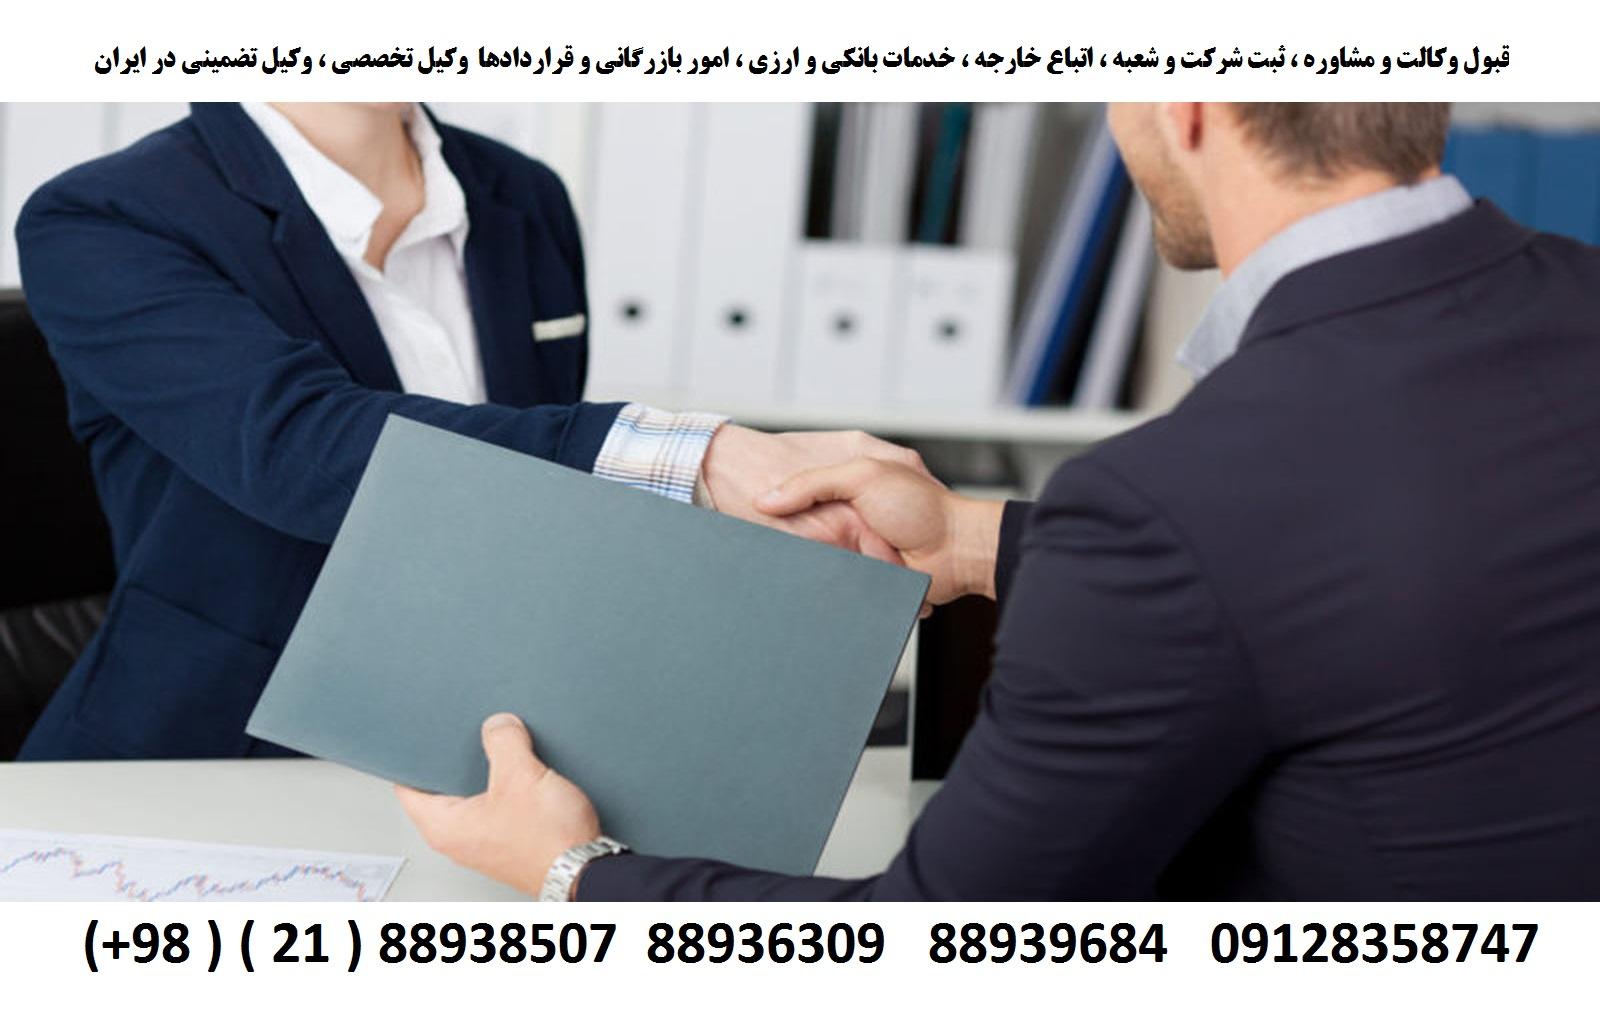 قبول وکالت و مشاوره ، ثبت شرکت و شعبه ، خدمات بانکی و ارزی ، بازرگانی (6)